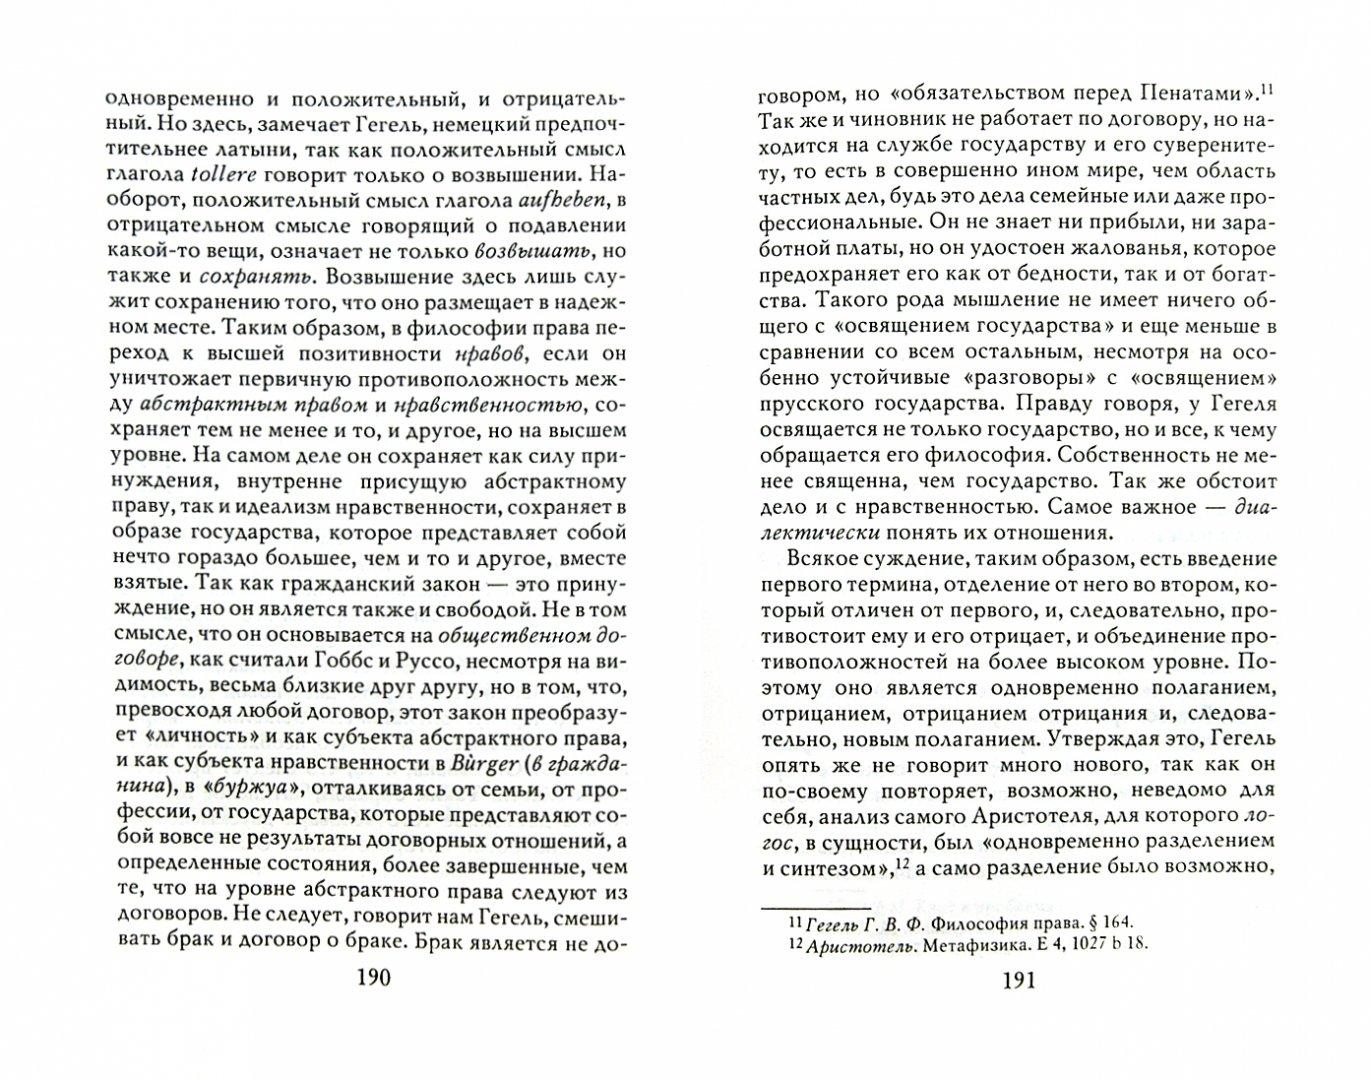 Иллюстрация 1 из 40 для Диалог с Хайдеггером.  В 4-х книгах. Книга 2. Новоевропейская философия - Жан Бофре | Лабиринт - книги. Источник: Лабиринт